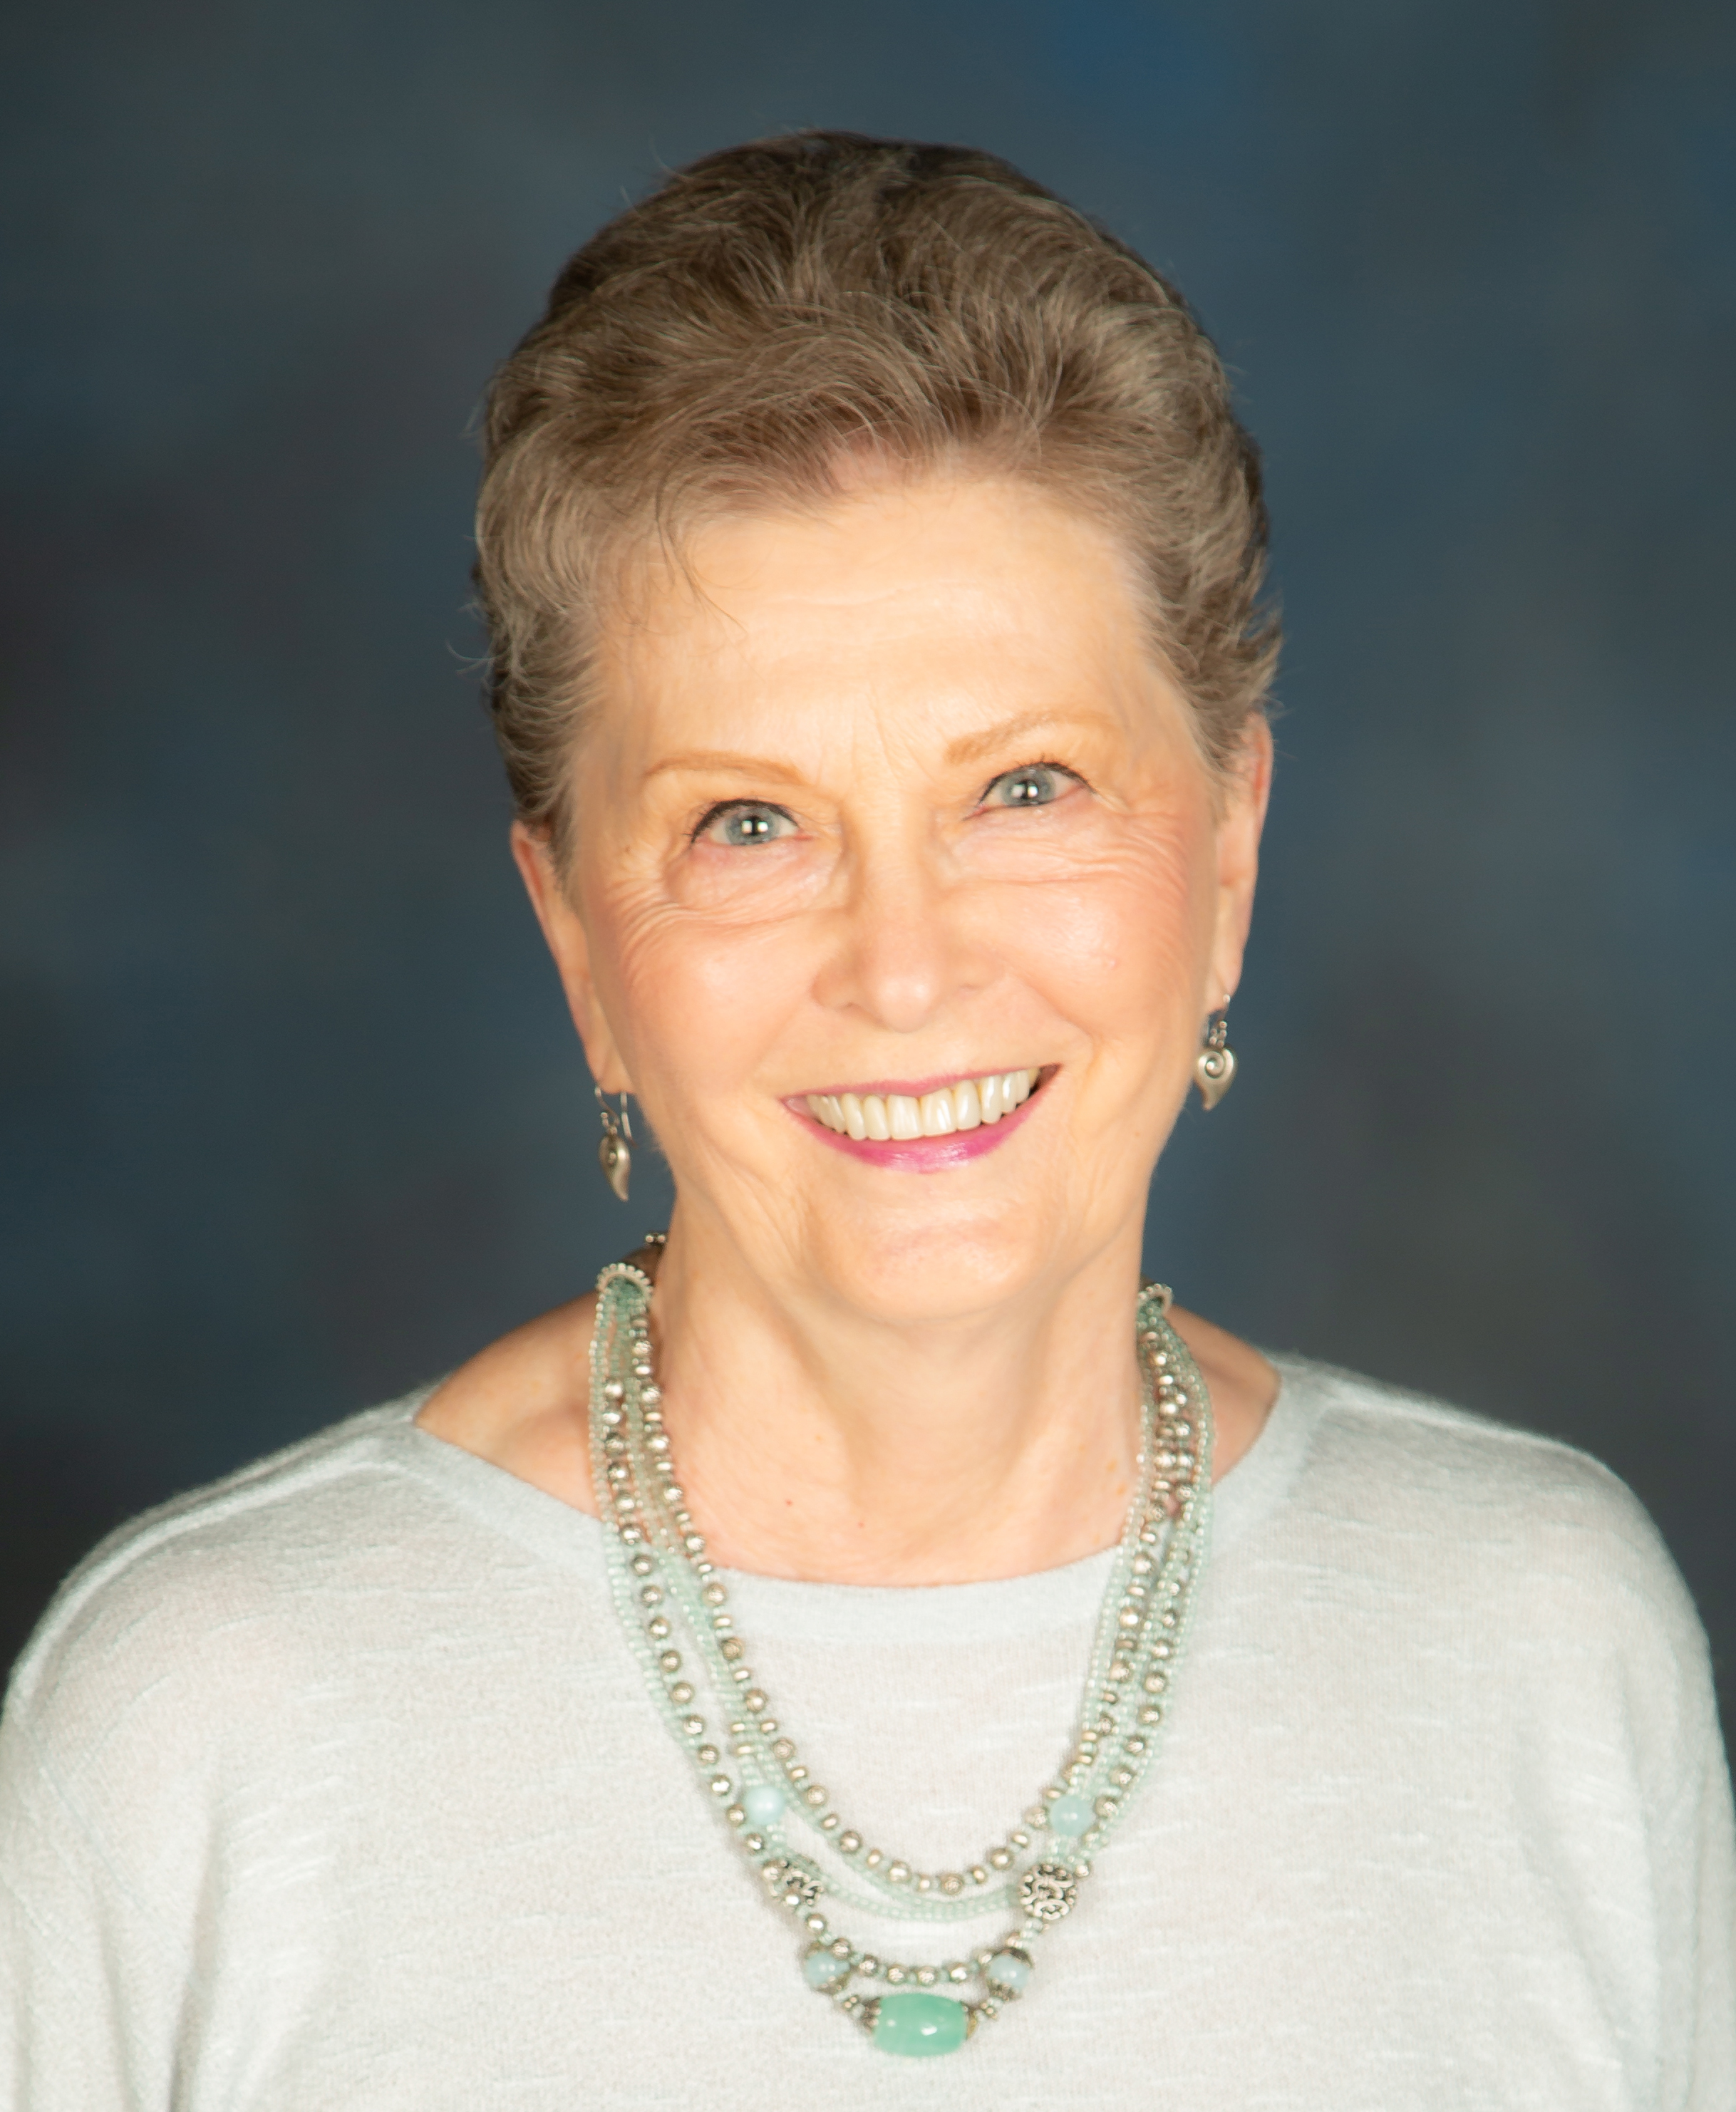 Joan undefined McKiernan